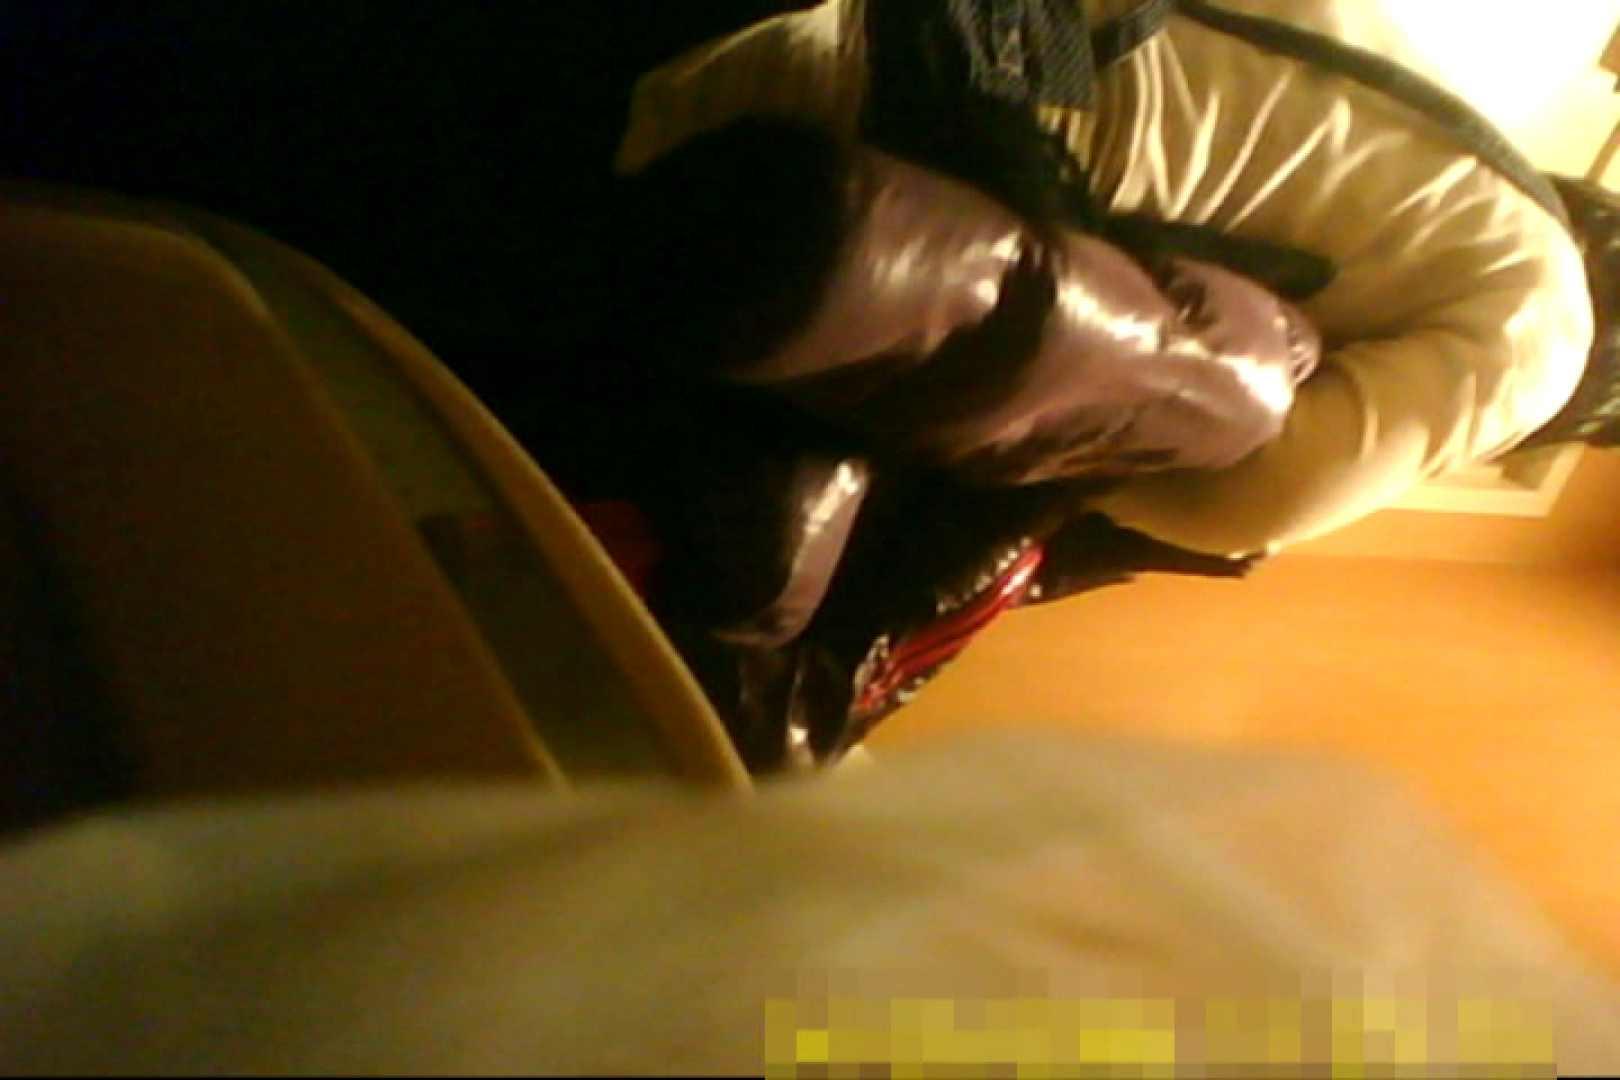 魅惑の化粧室~禁断のプライベート空間~vol.9 ぽっちゃり オマンコ無修正動画無料 56pic 15